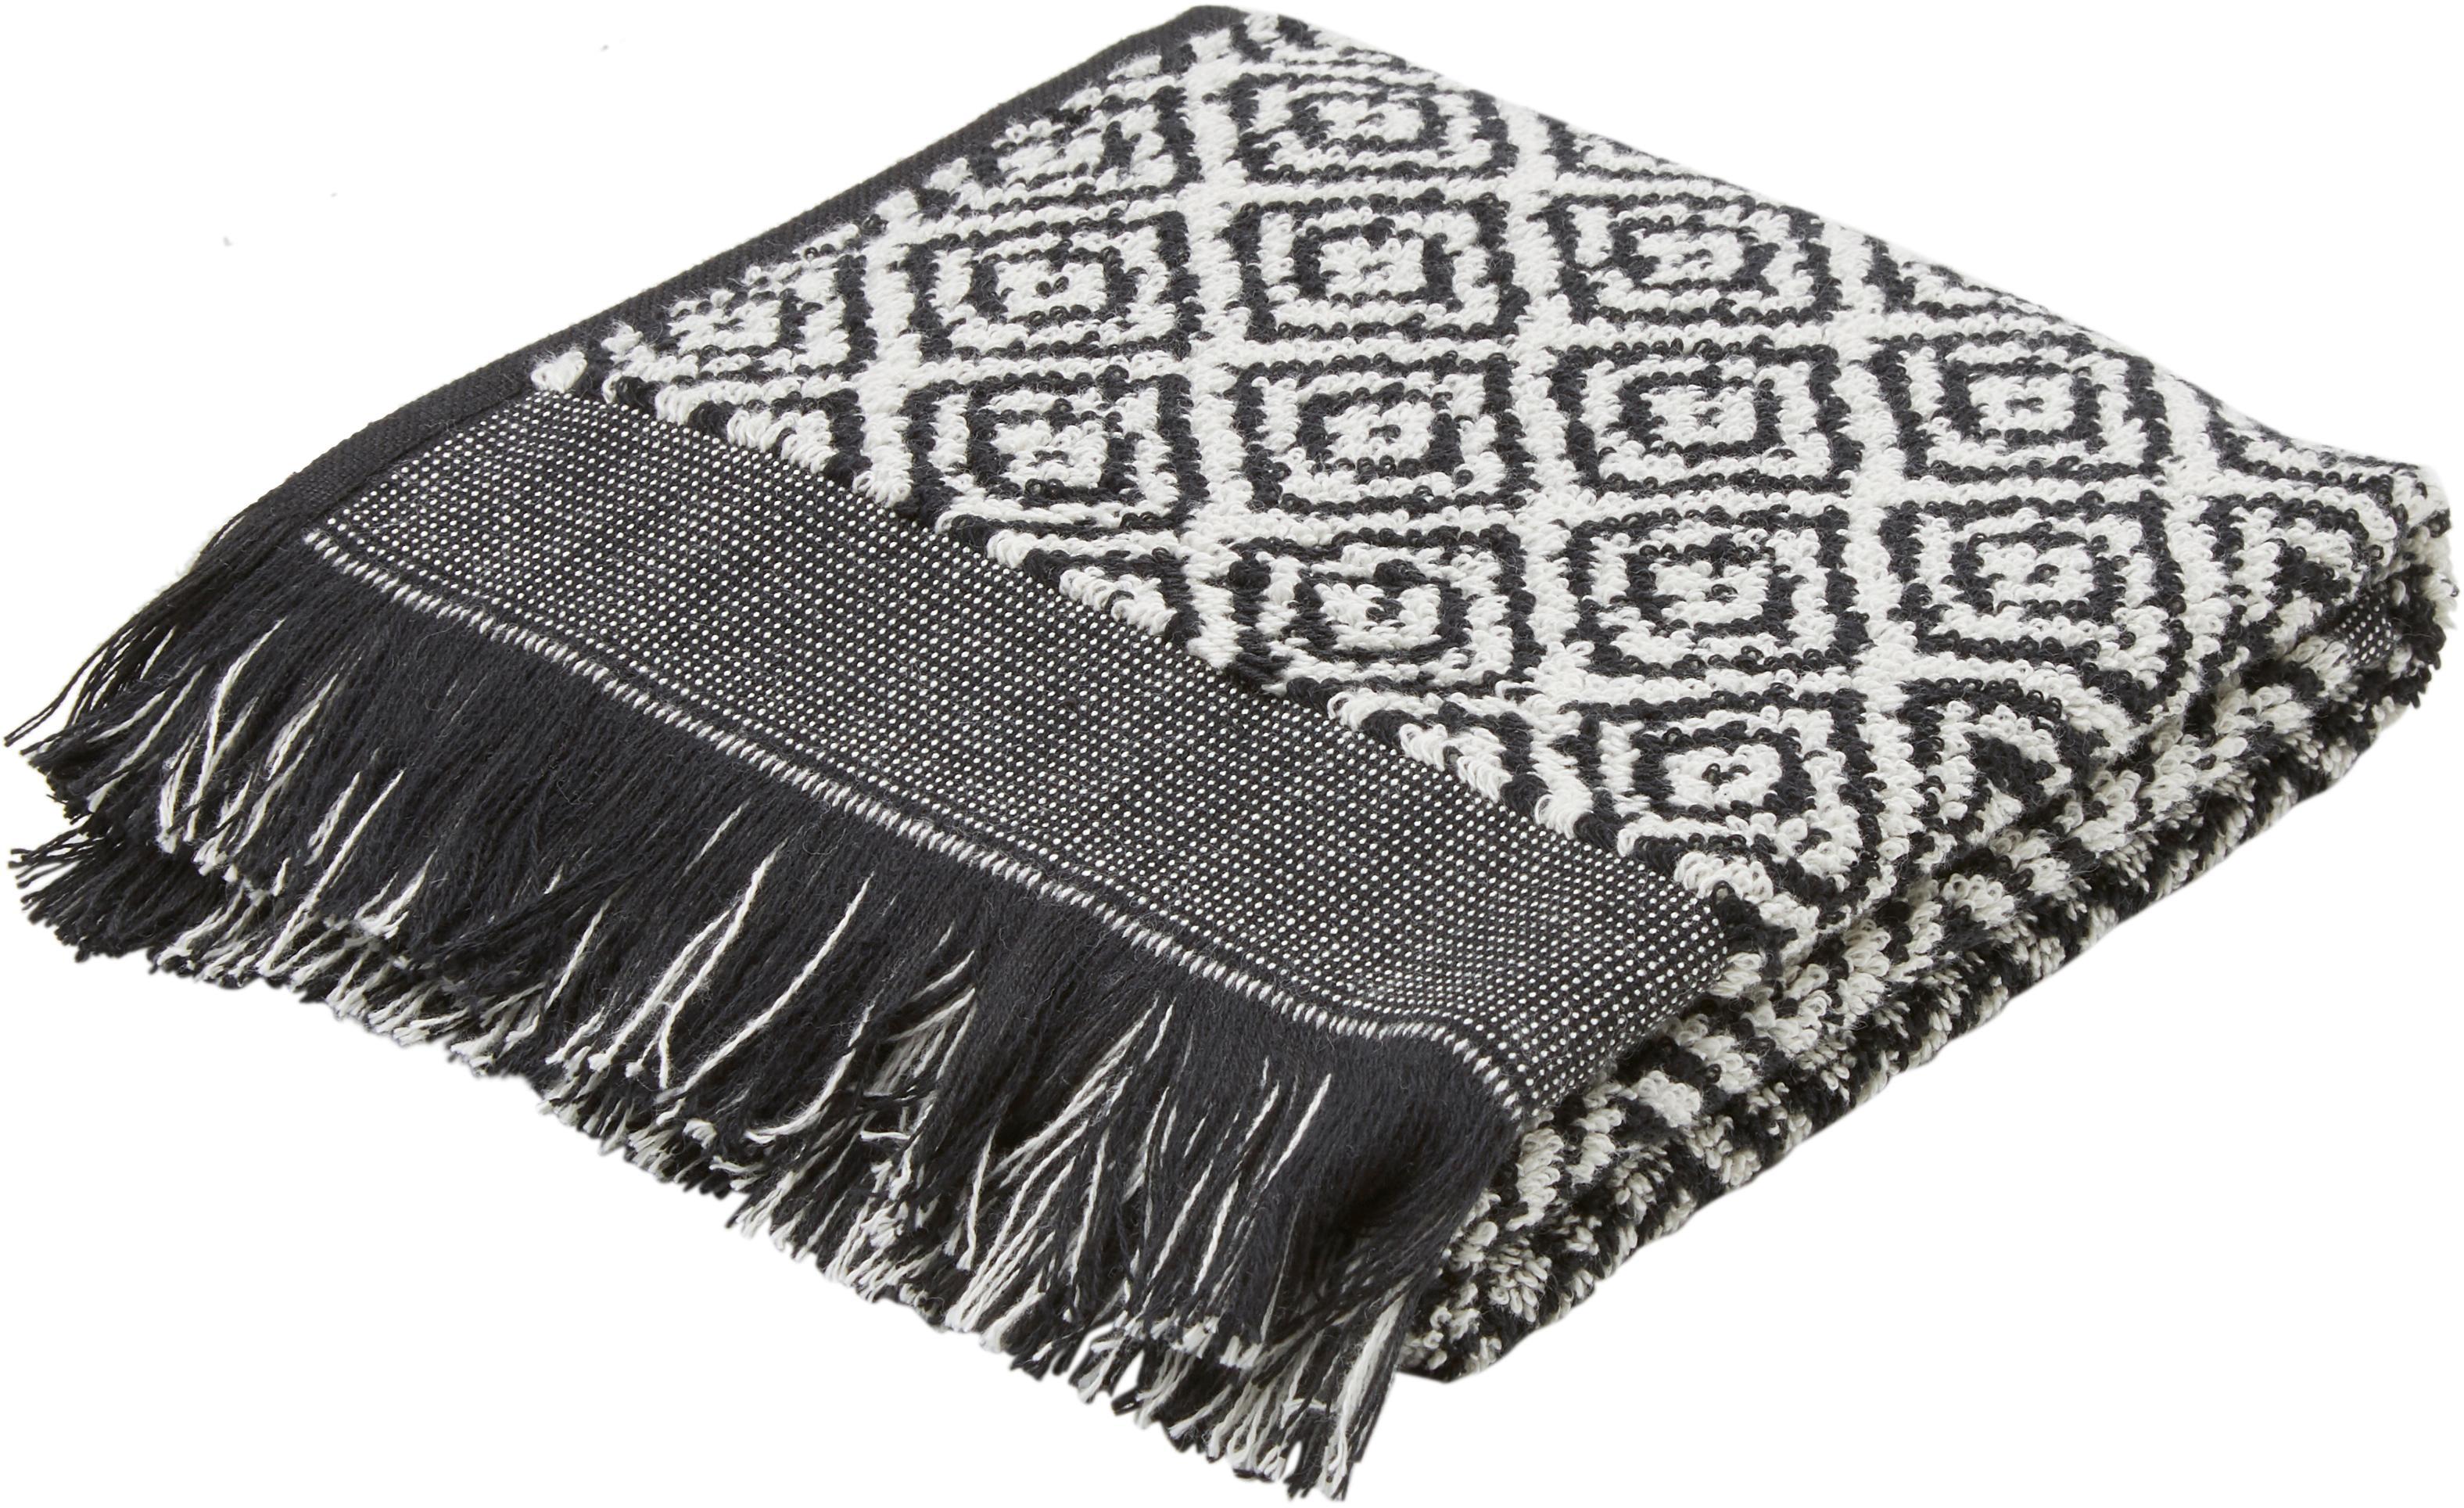 Toalla Morocco, diferentes tamaños, Negro, blanco, Toallas tocador